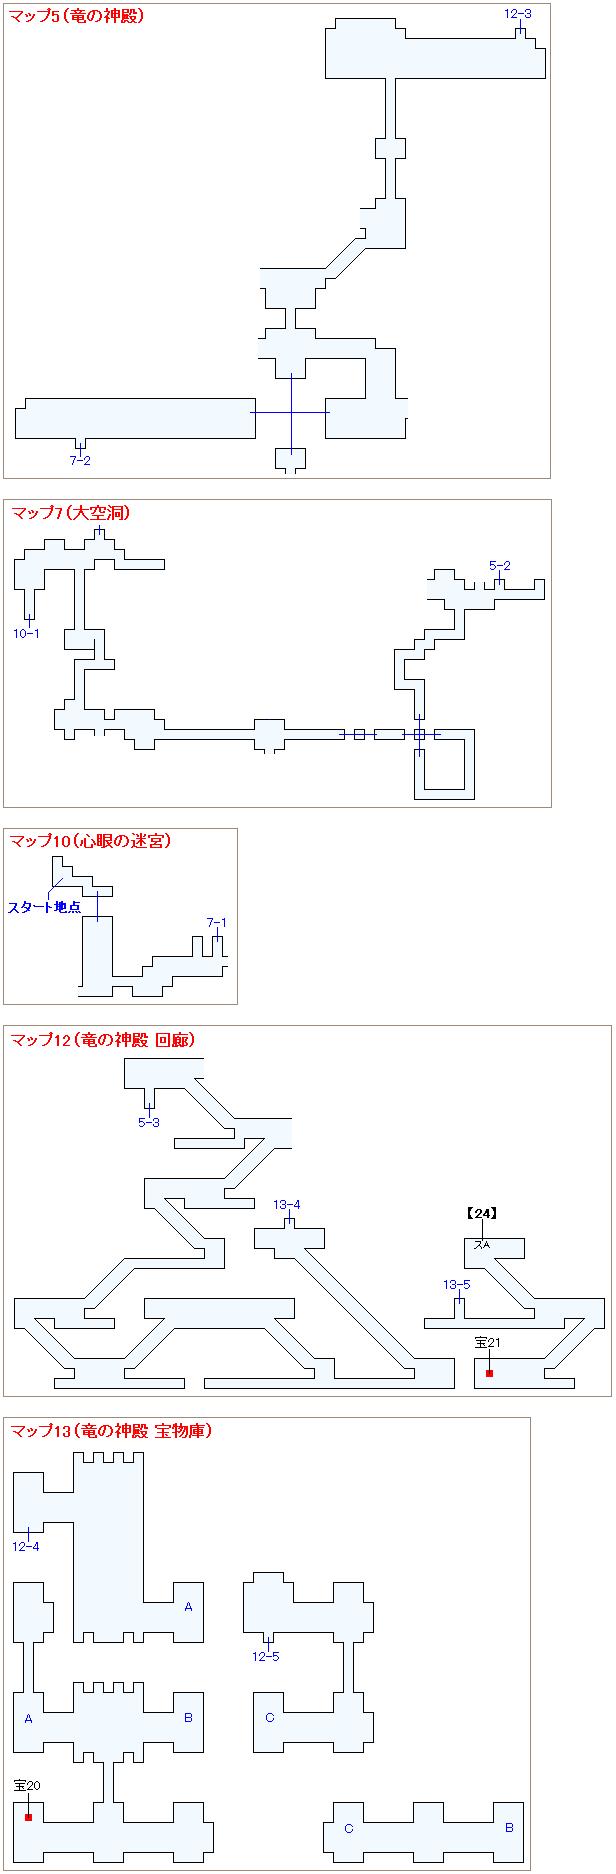 竜の巣攻略マップ画像(カイザードラゴン撃破前・19)